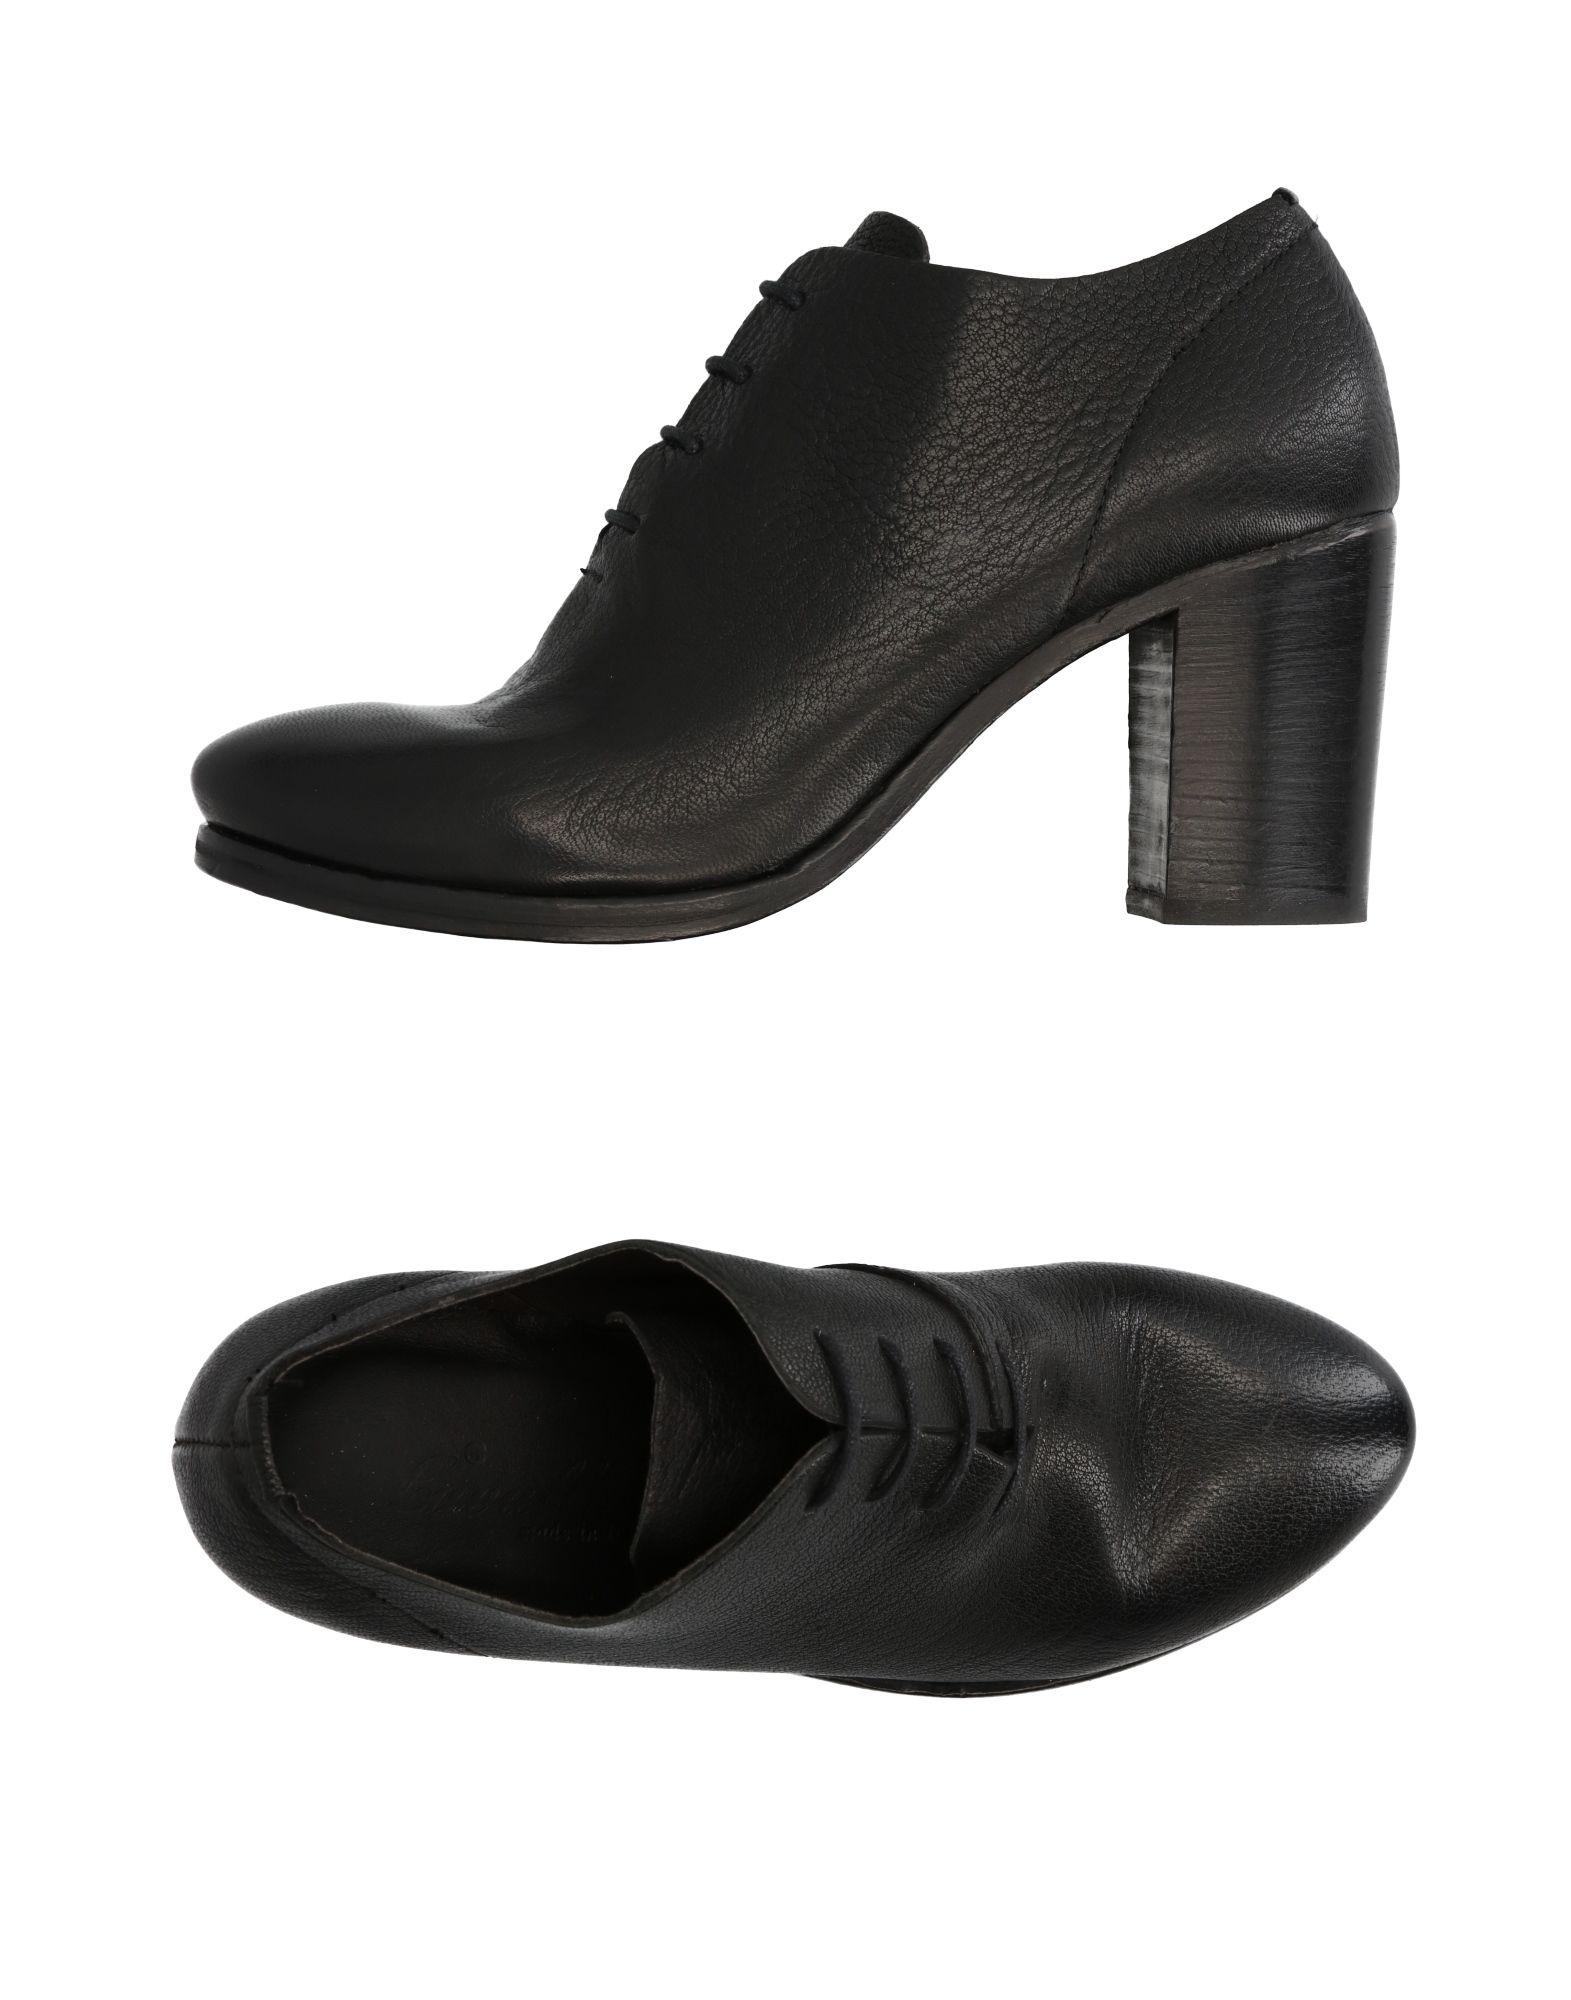 Chaussures À Lacets Cavallini Femme - Chaussures À Lacets Cavallini sur